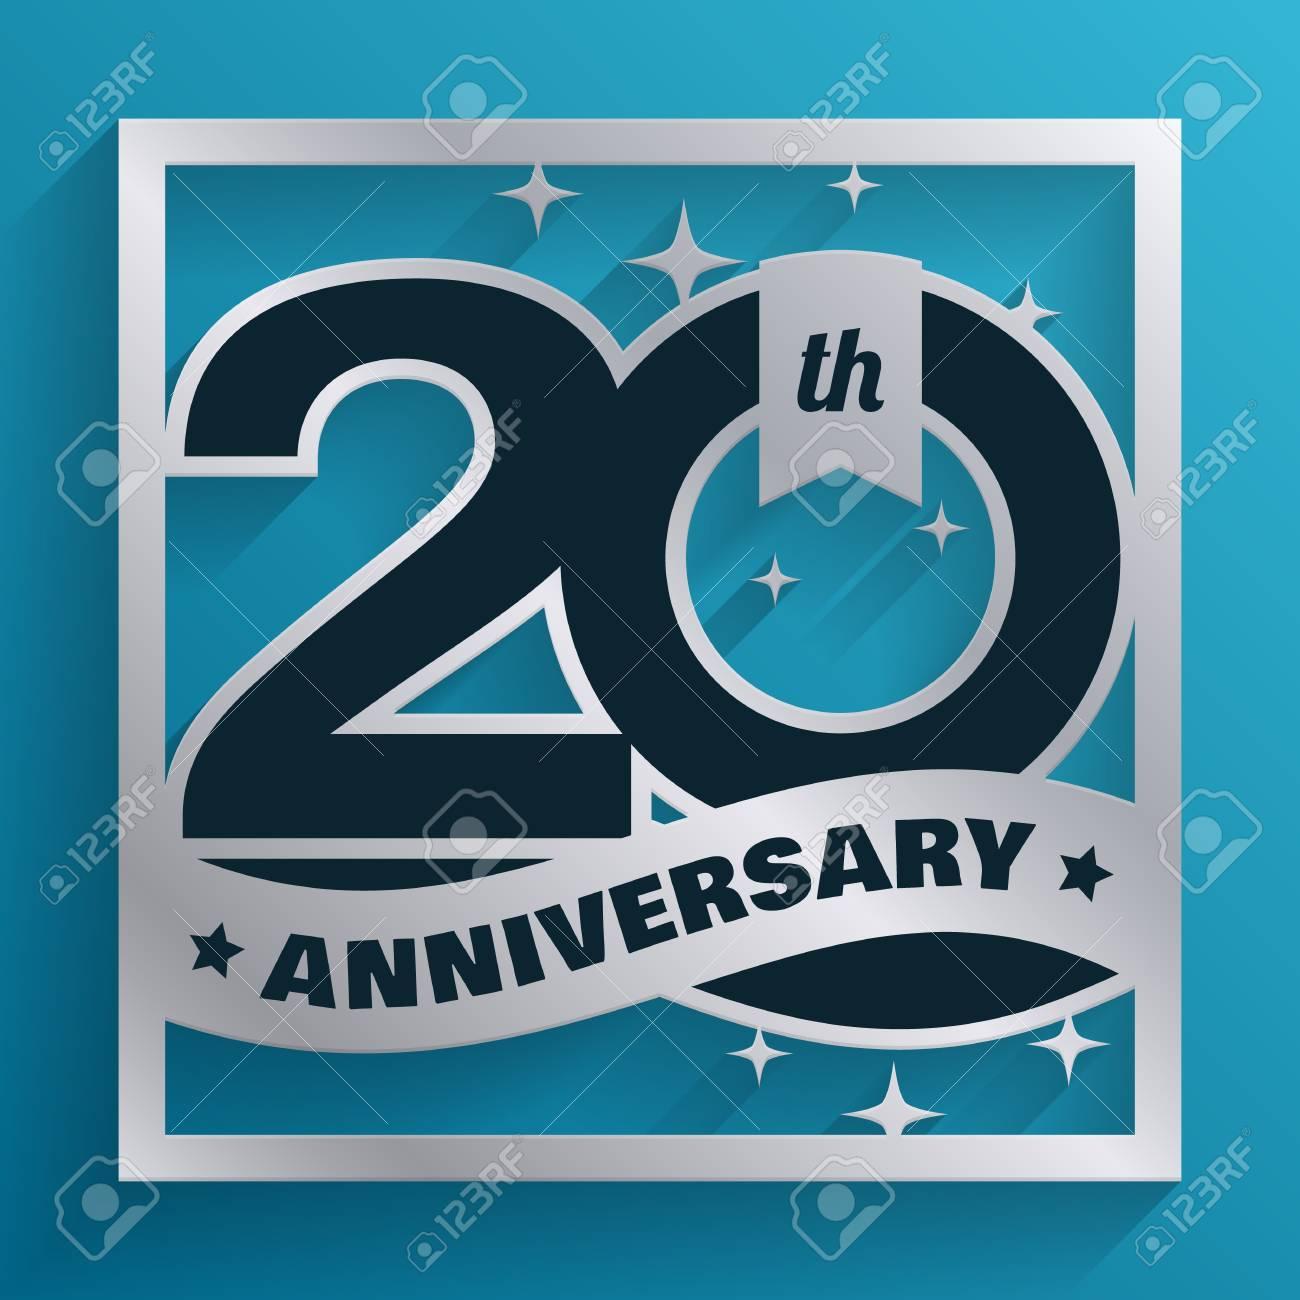 Aniversario De Plata De Los 20 Años De Diseño Aislados Sobre Fondo Azul Tarjeta De Invitación Para La Celebración De La Empresa Y La Invitación